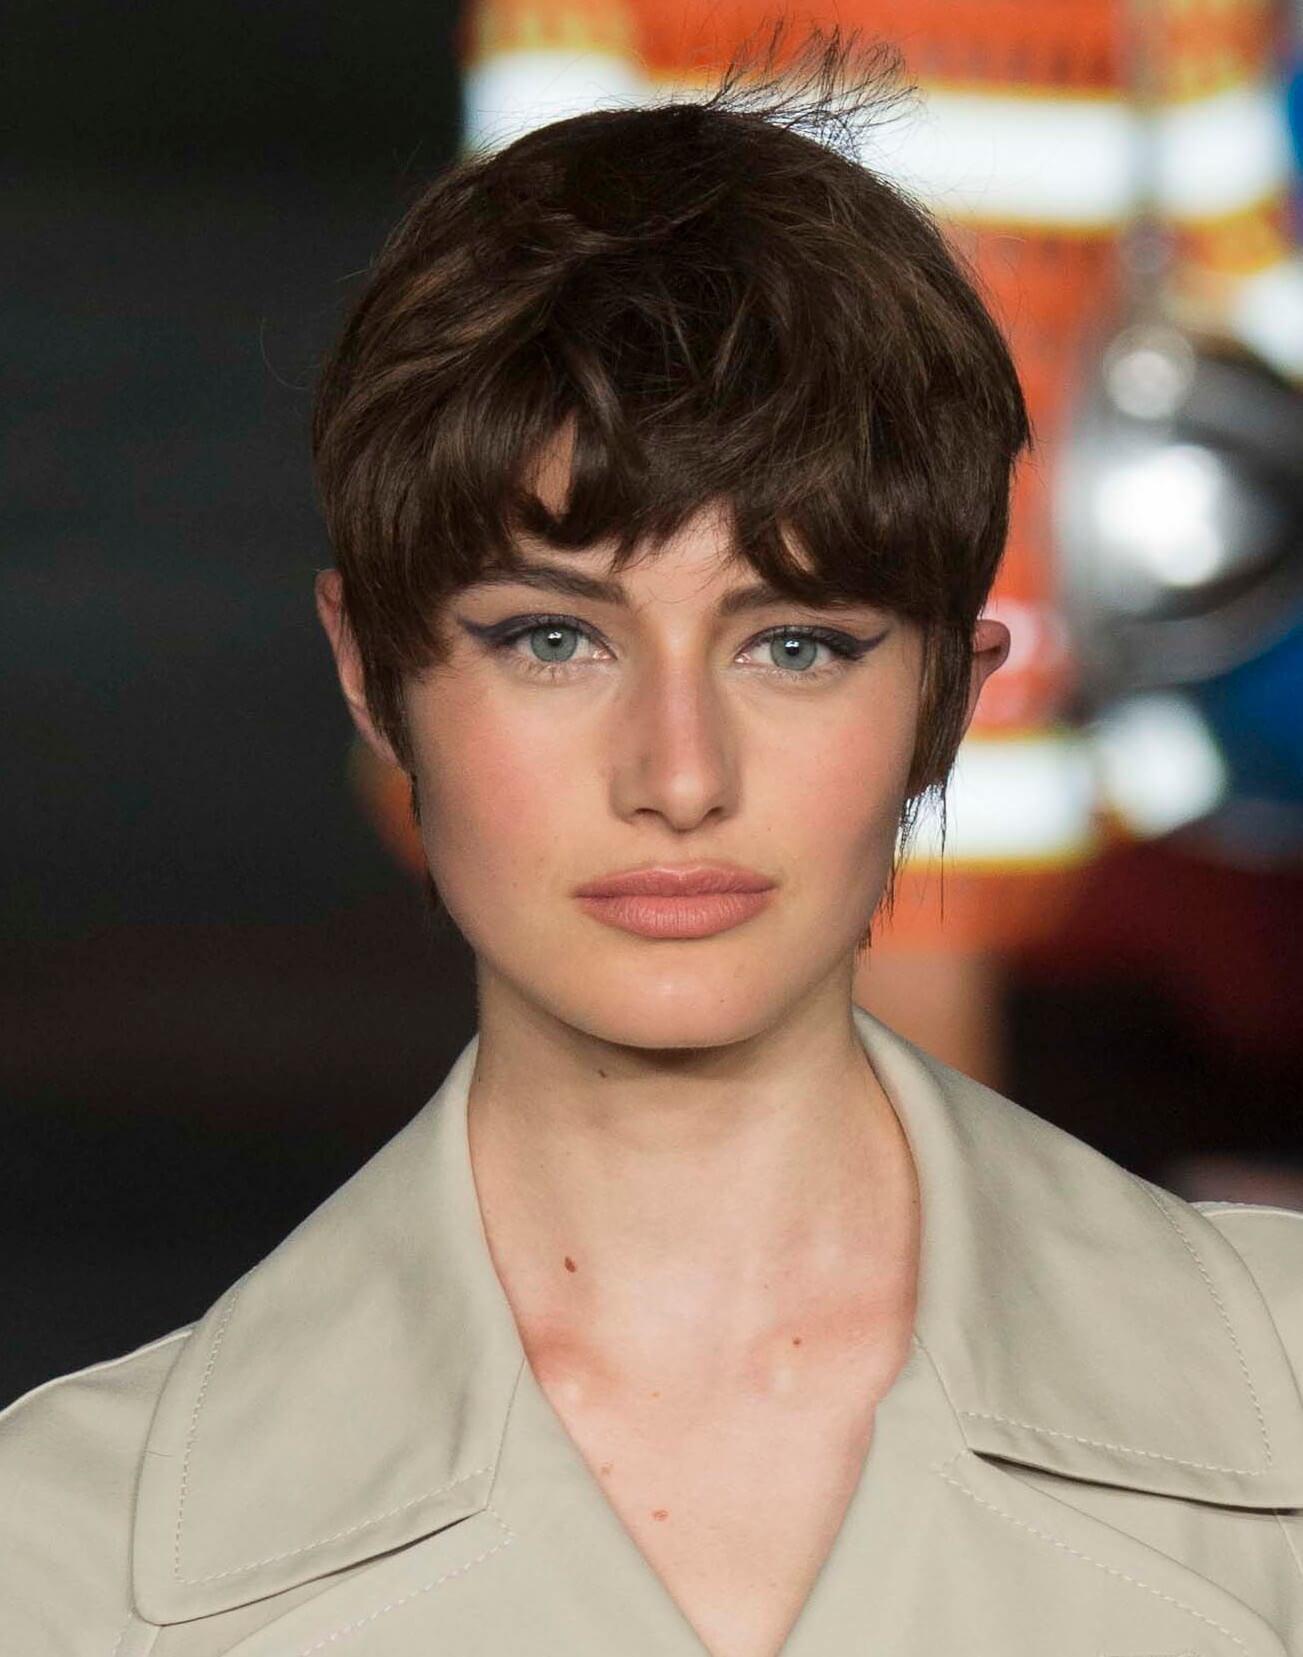 Des coiffures de lutins sombres pour des visages ronds